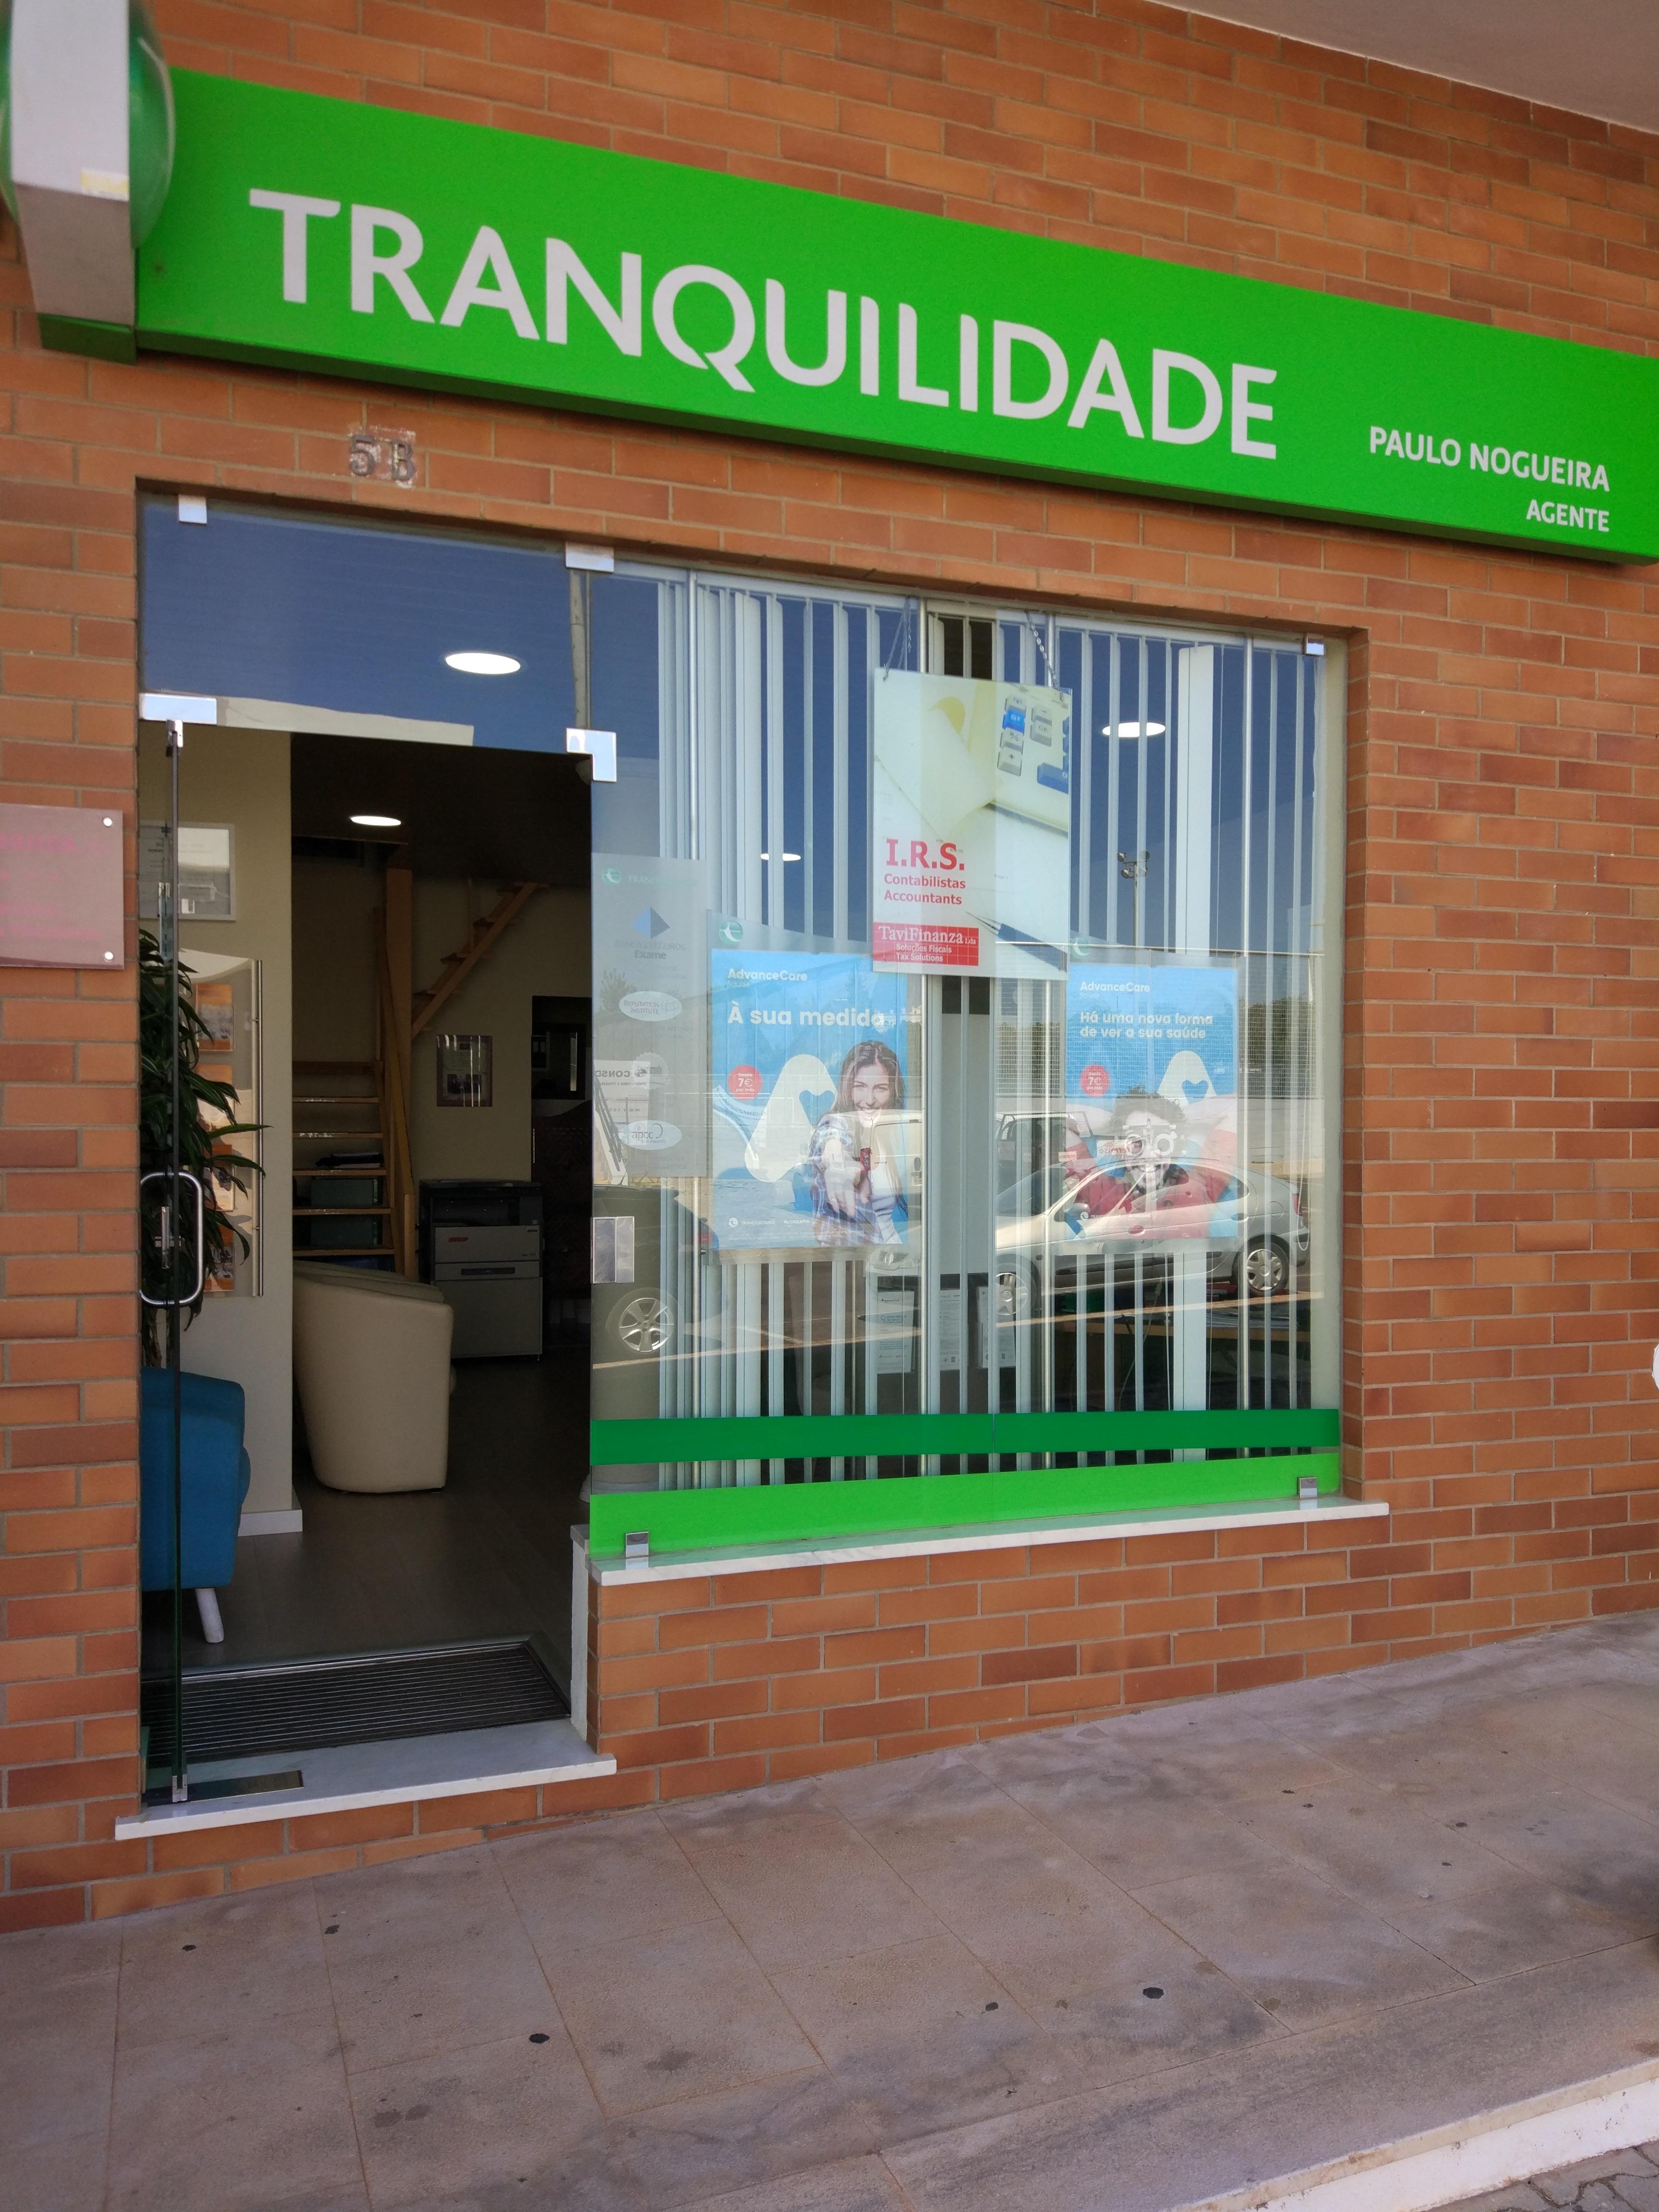 TRANQUILIDADE: Agente Paulo Jorge Sousa Nogueira